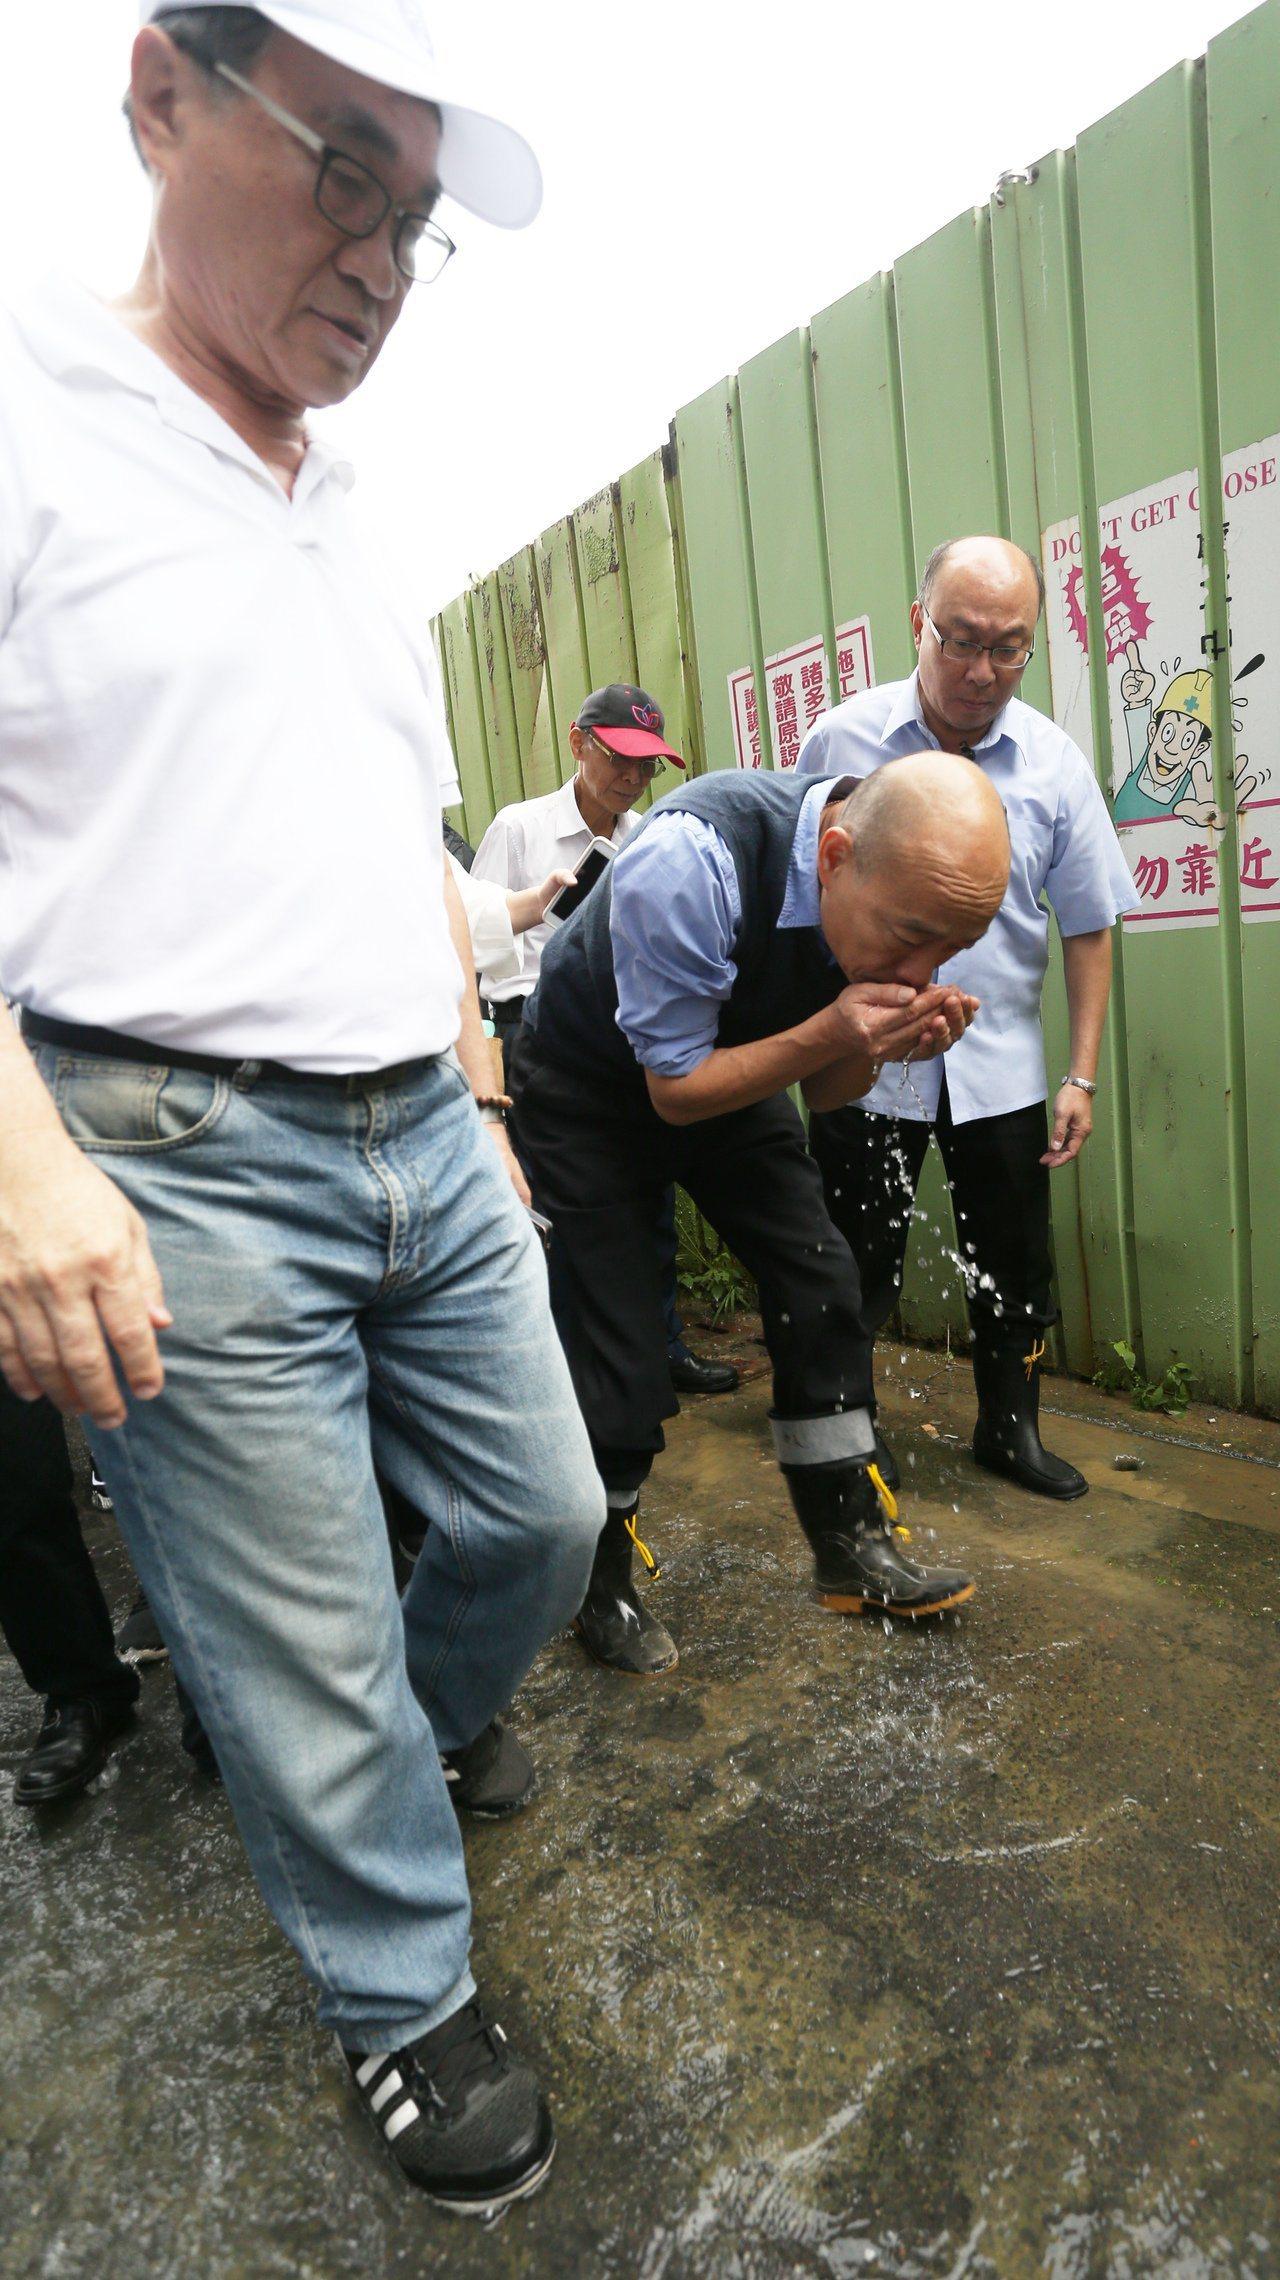 高雄市長韓國瑜20日到苓雅區一棟地下室因雨積水的大樓勘災時,先蹲下去掬一把水聞嗅...